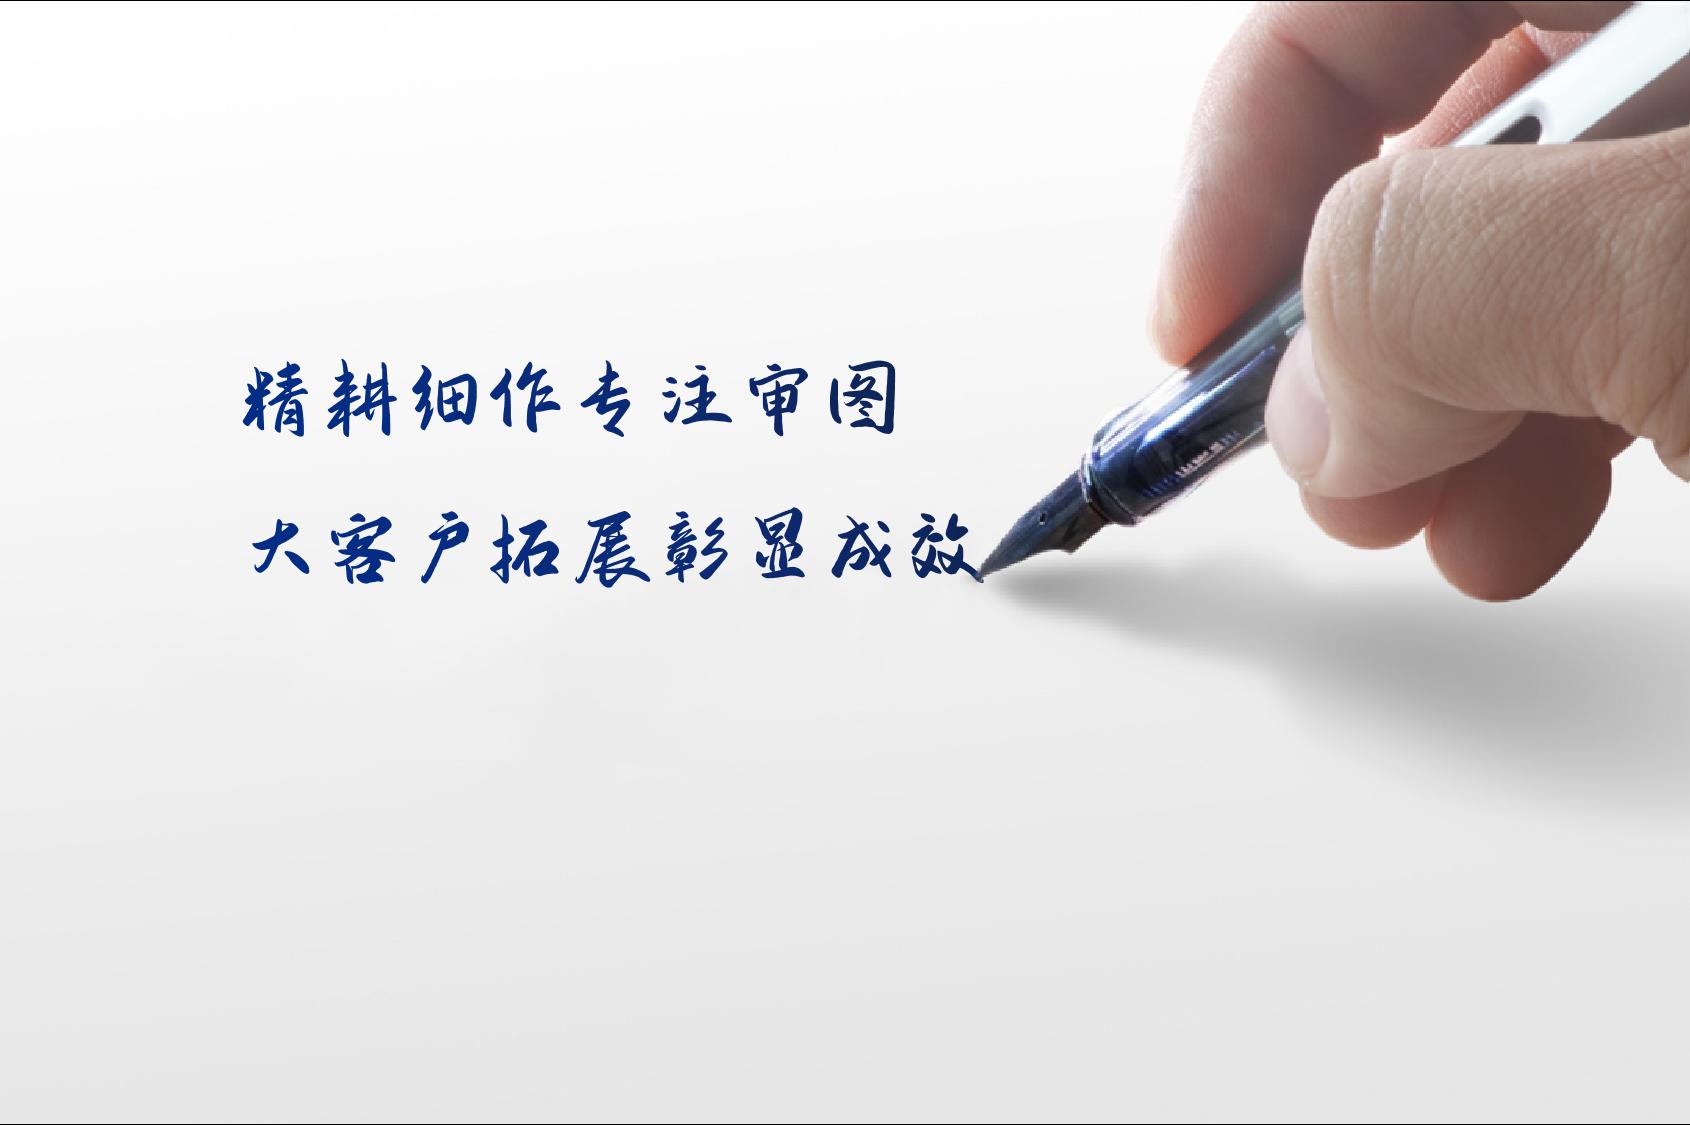 精耕细作专注审图 大客户拓展彰显成效——华秦公司与龙记地产集团签订多个项目审查合同